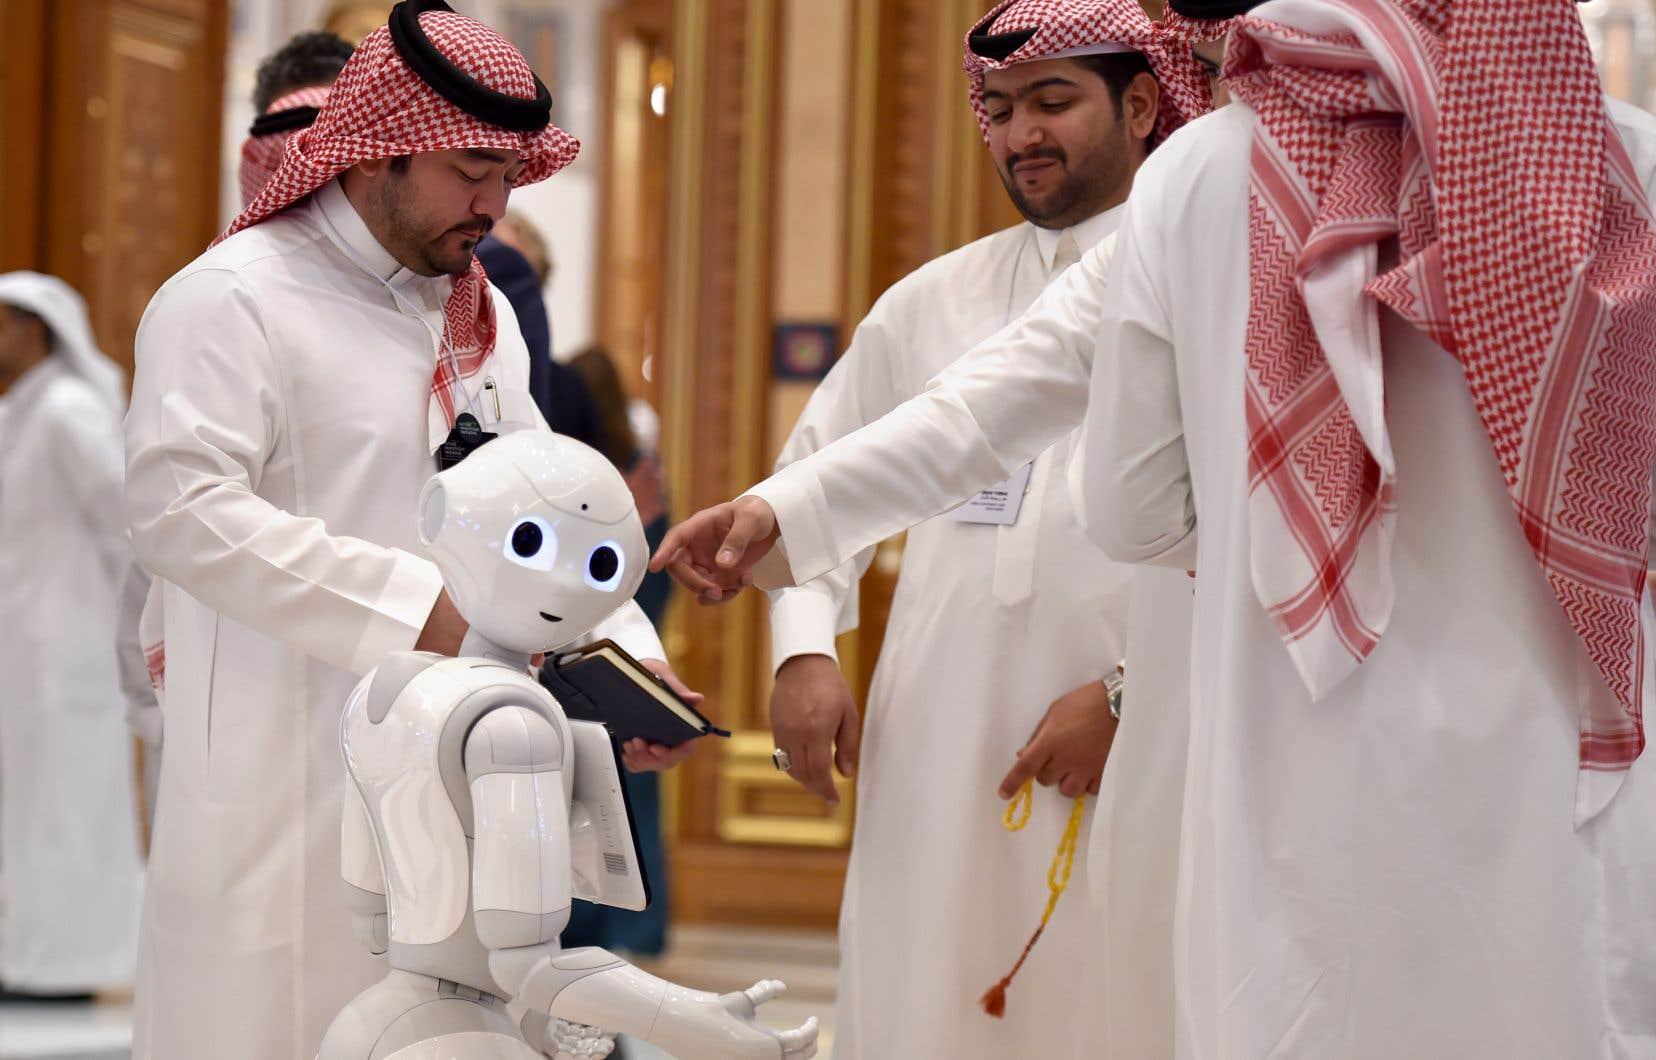 <p>Cette année, des milliers de délégués venant d'une trentaine de pays ont afflué à Riyad pour la troisième édition et l'ambiance contraste avec celle de l'année dernière.</p>